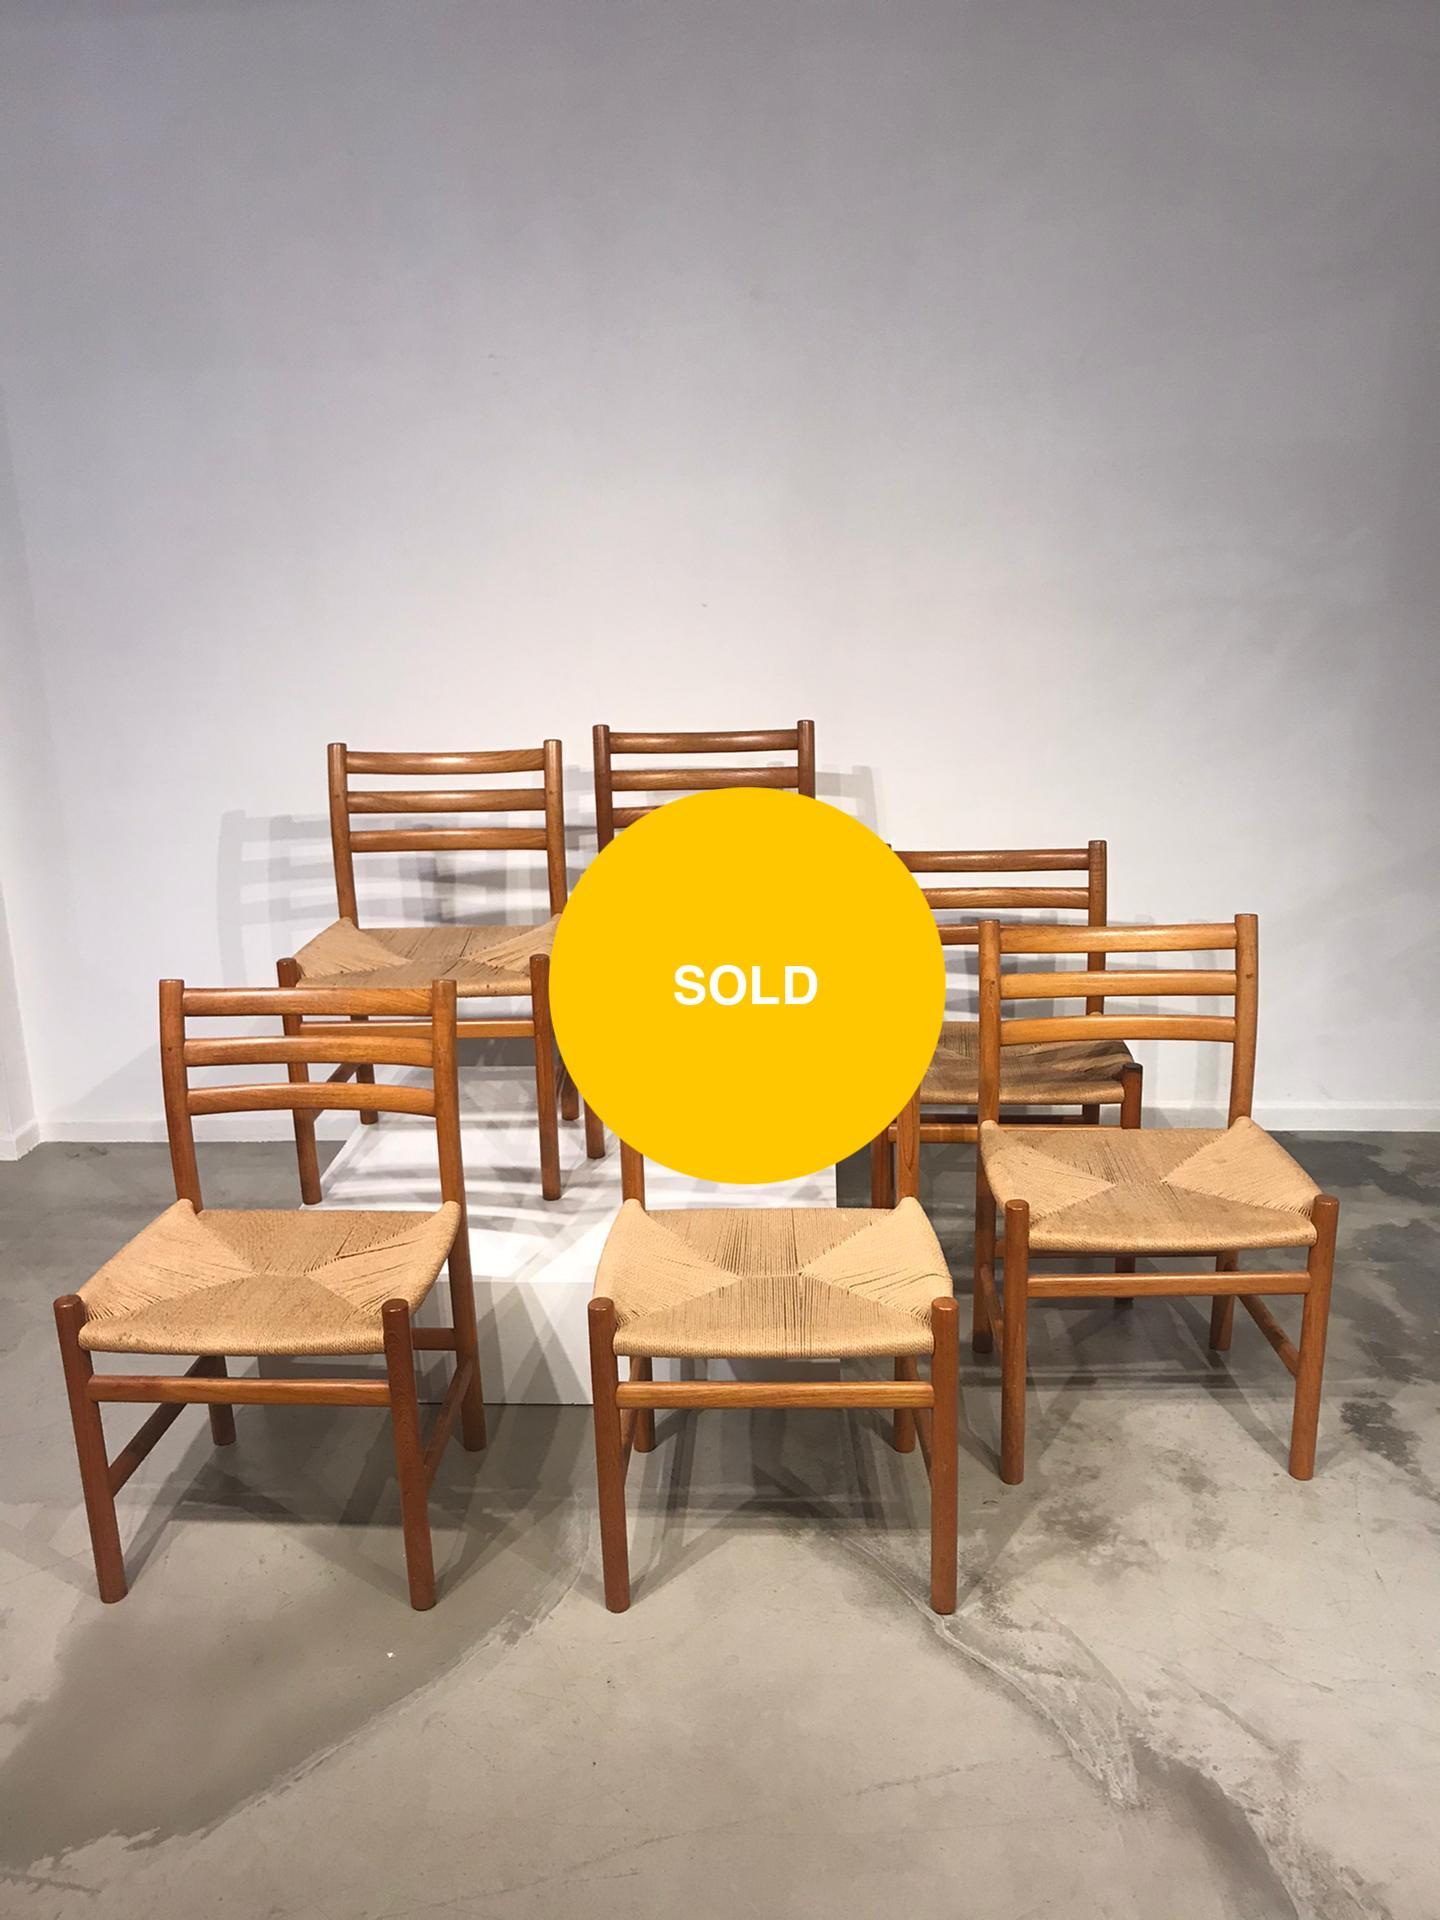 Set of Danish chairs